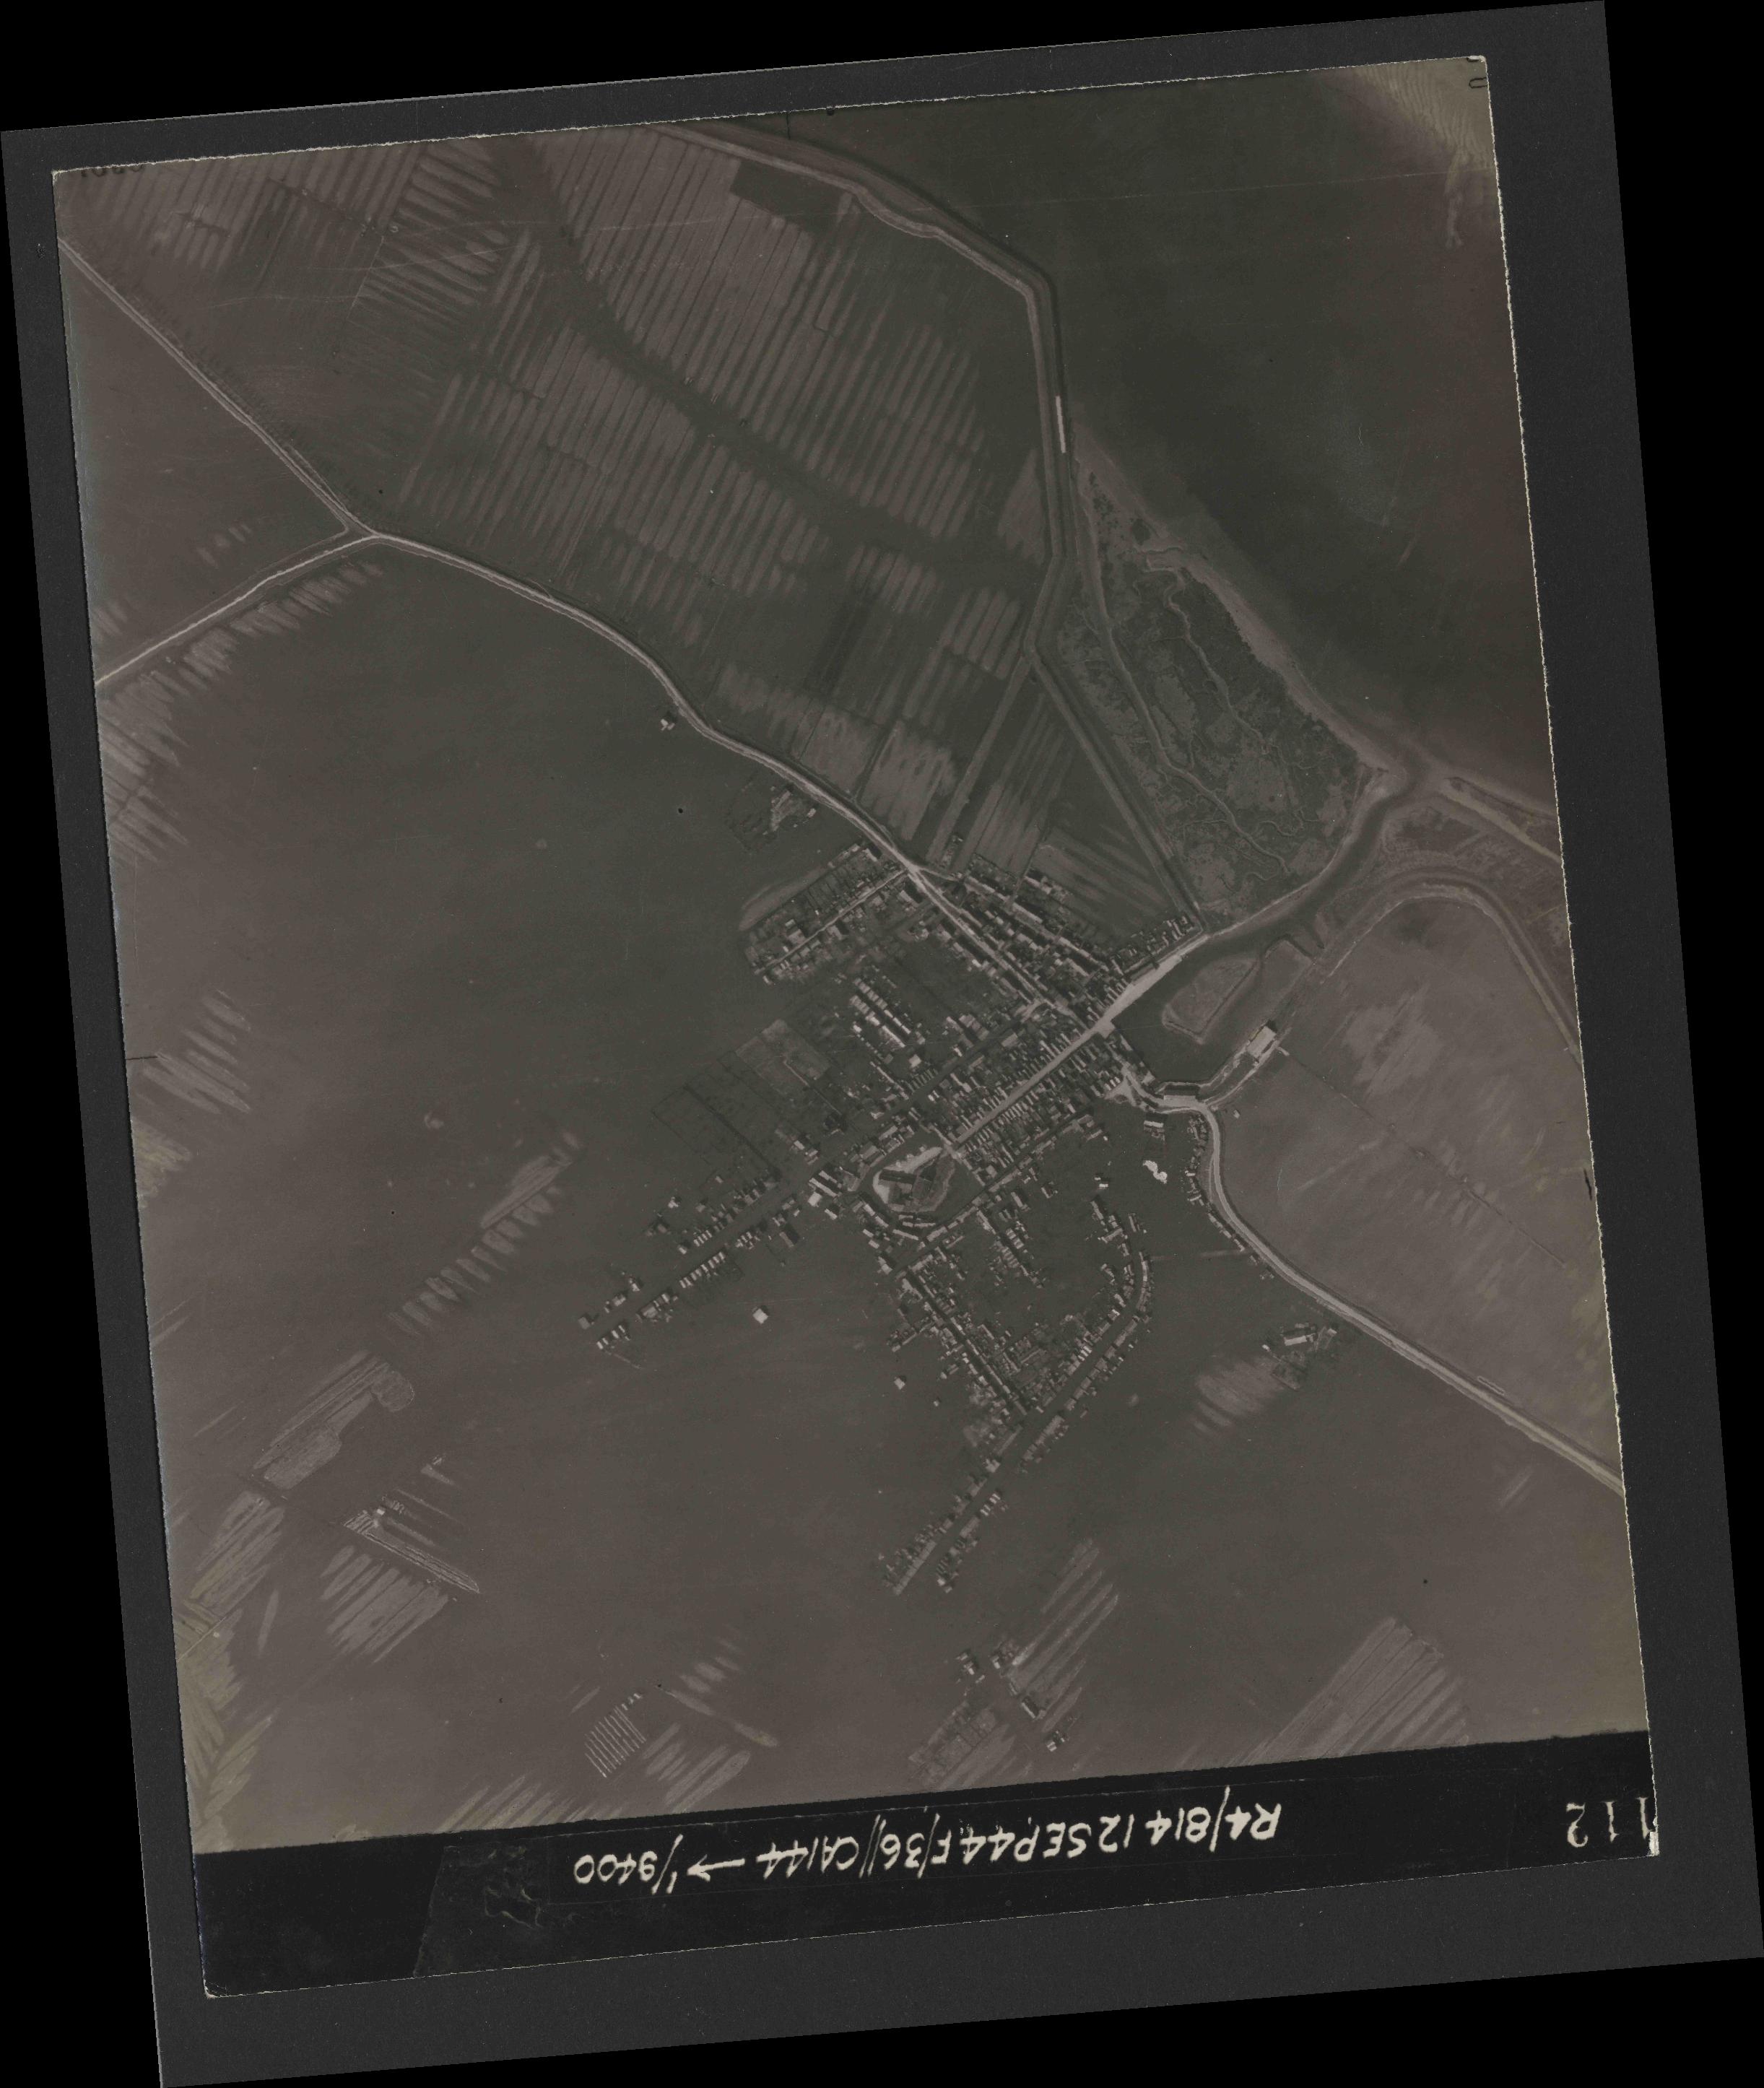 Collection RAF aerial photos 1940-1945 - flight 333, run 05, photo 3112